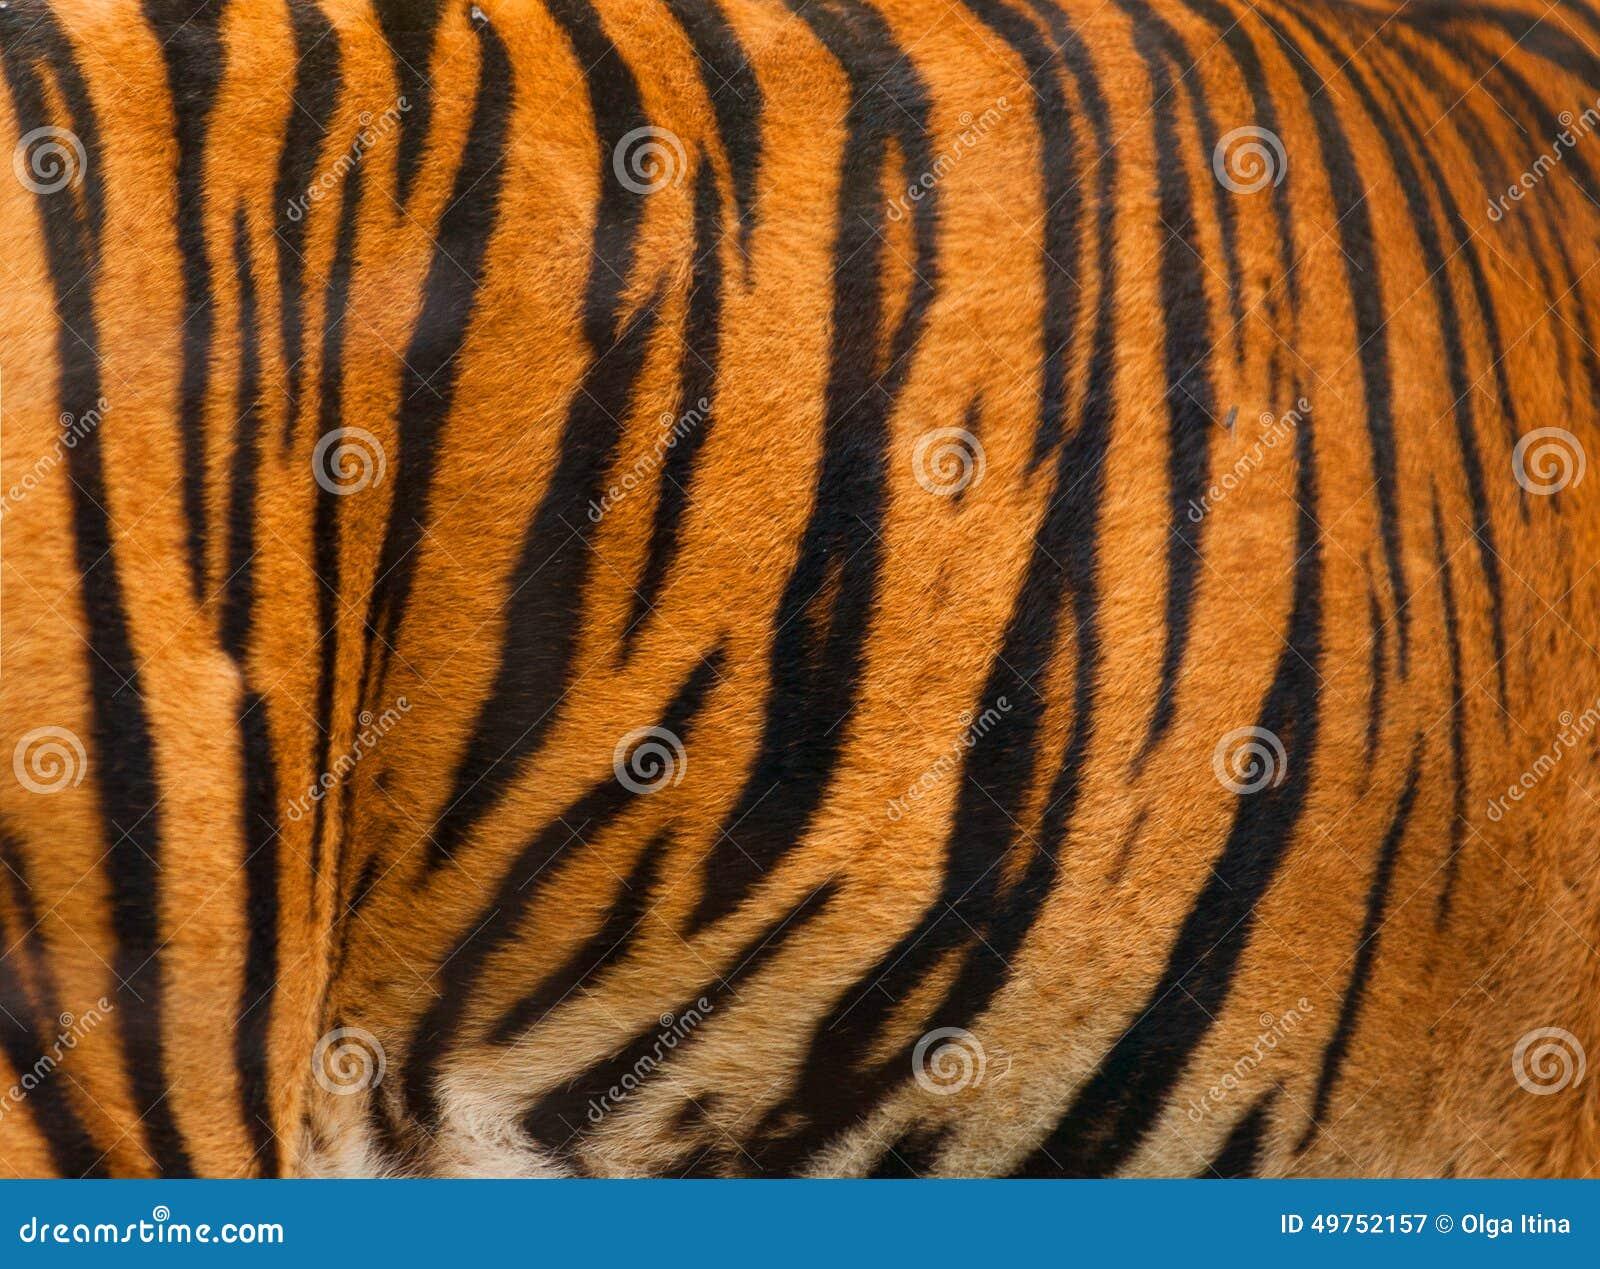 White Tiger Skin Pattern